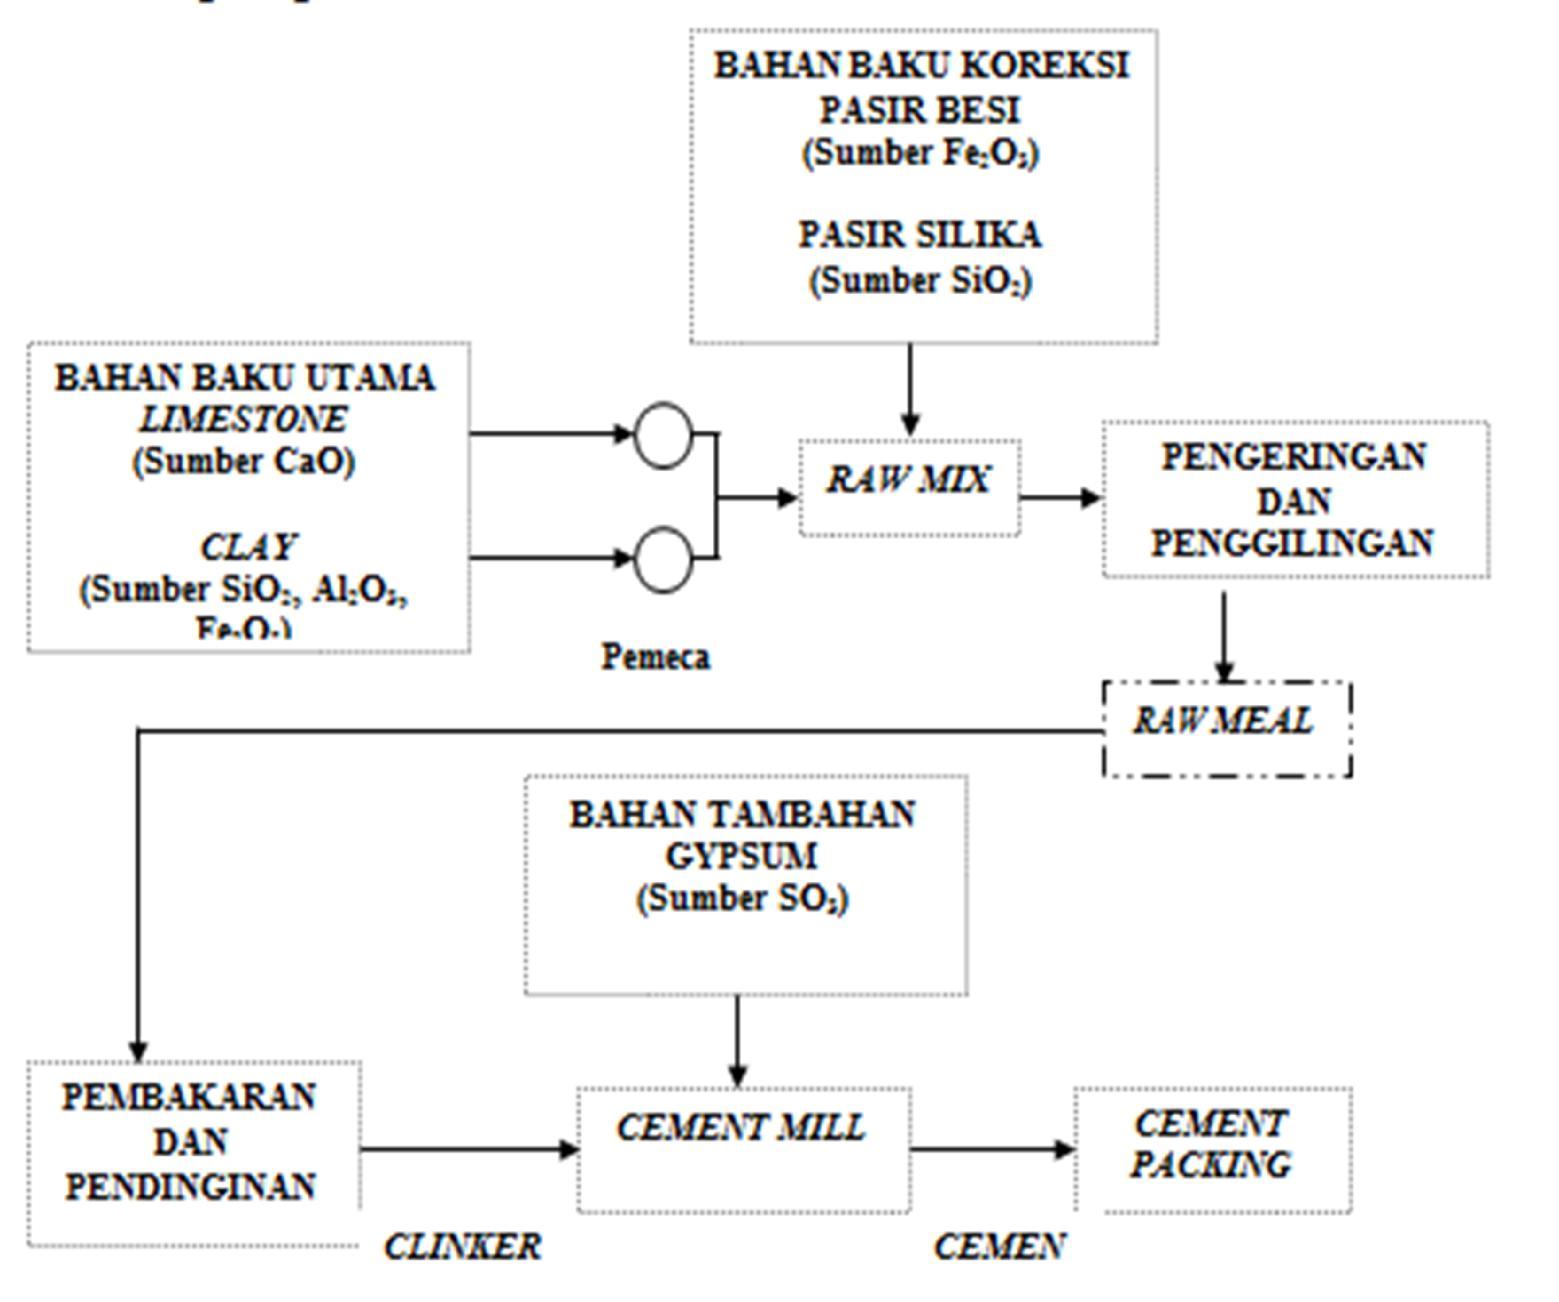 diagram of seman ilmu kuliah teknik gambaran umum proses pembuatan semen [ 1559 x 1302 Pixel ]